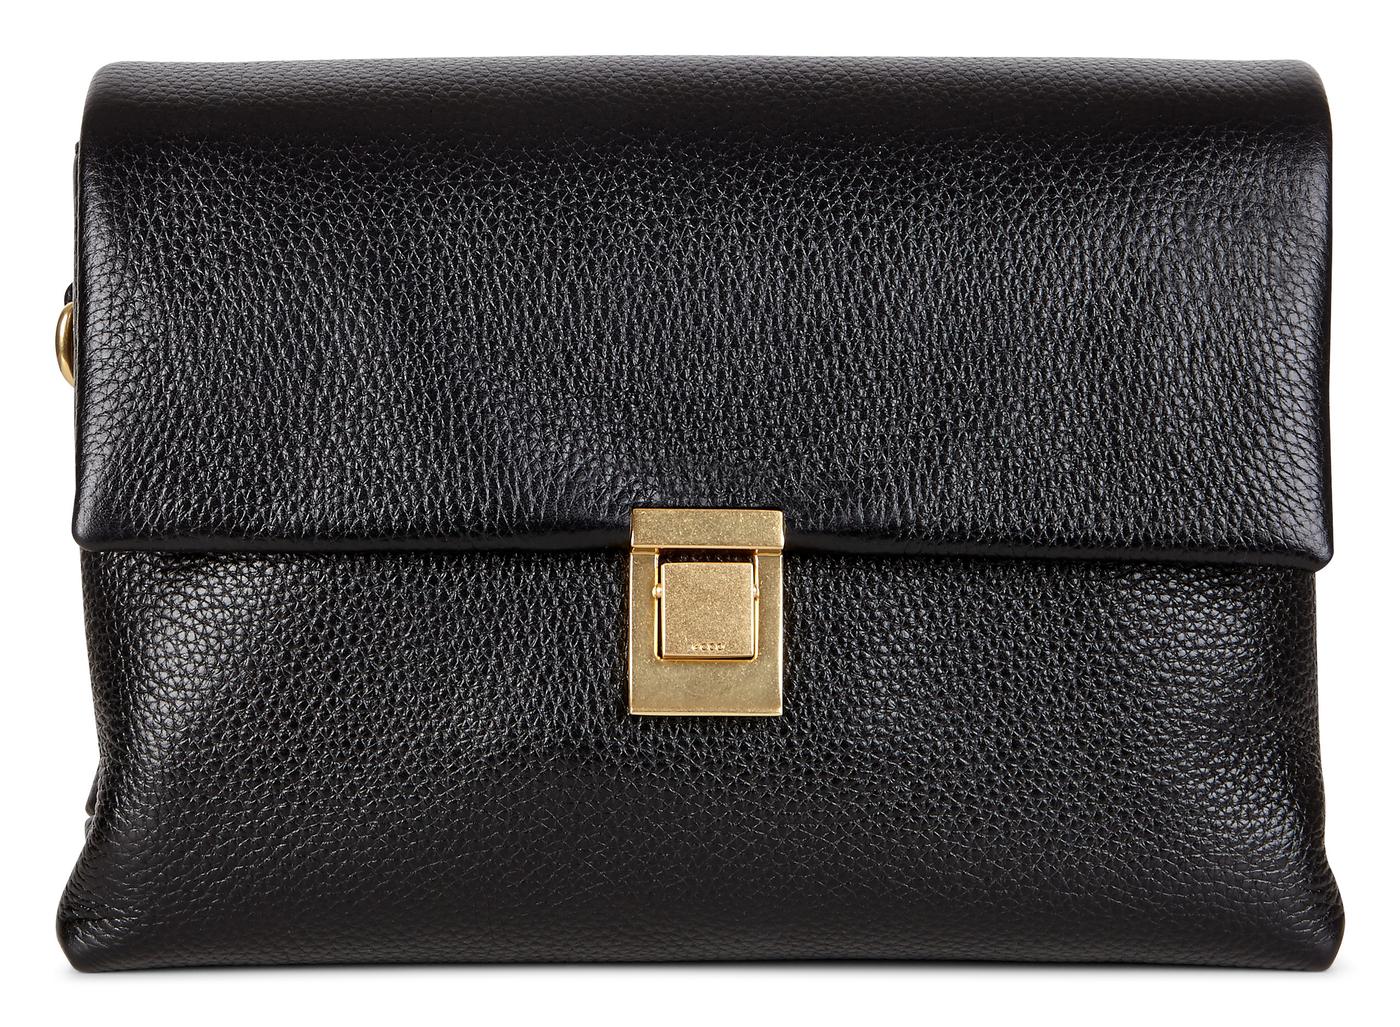 ECCO ISAN2 Handbag